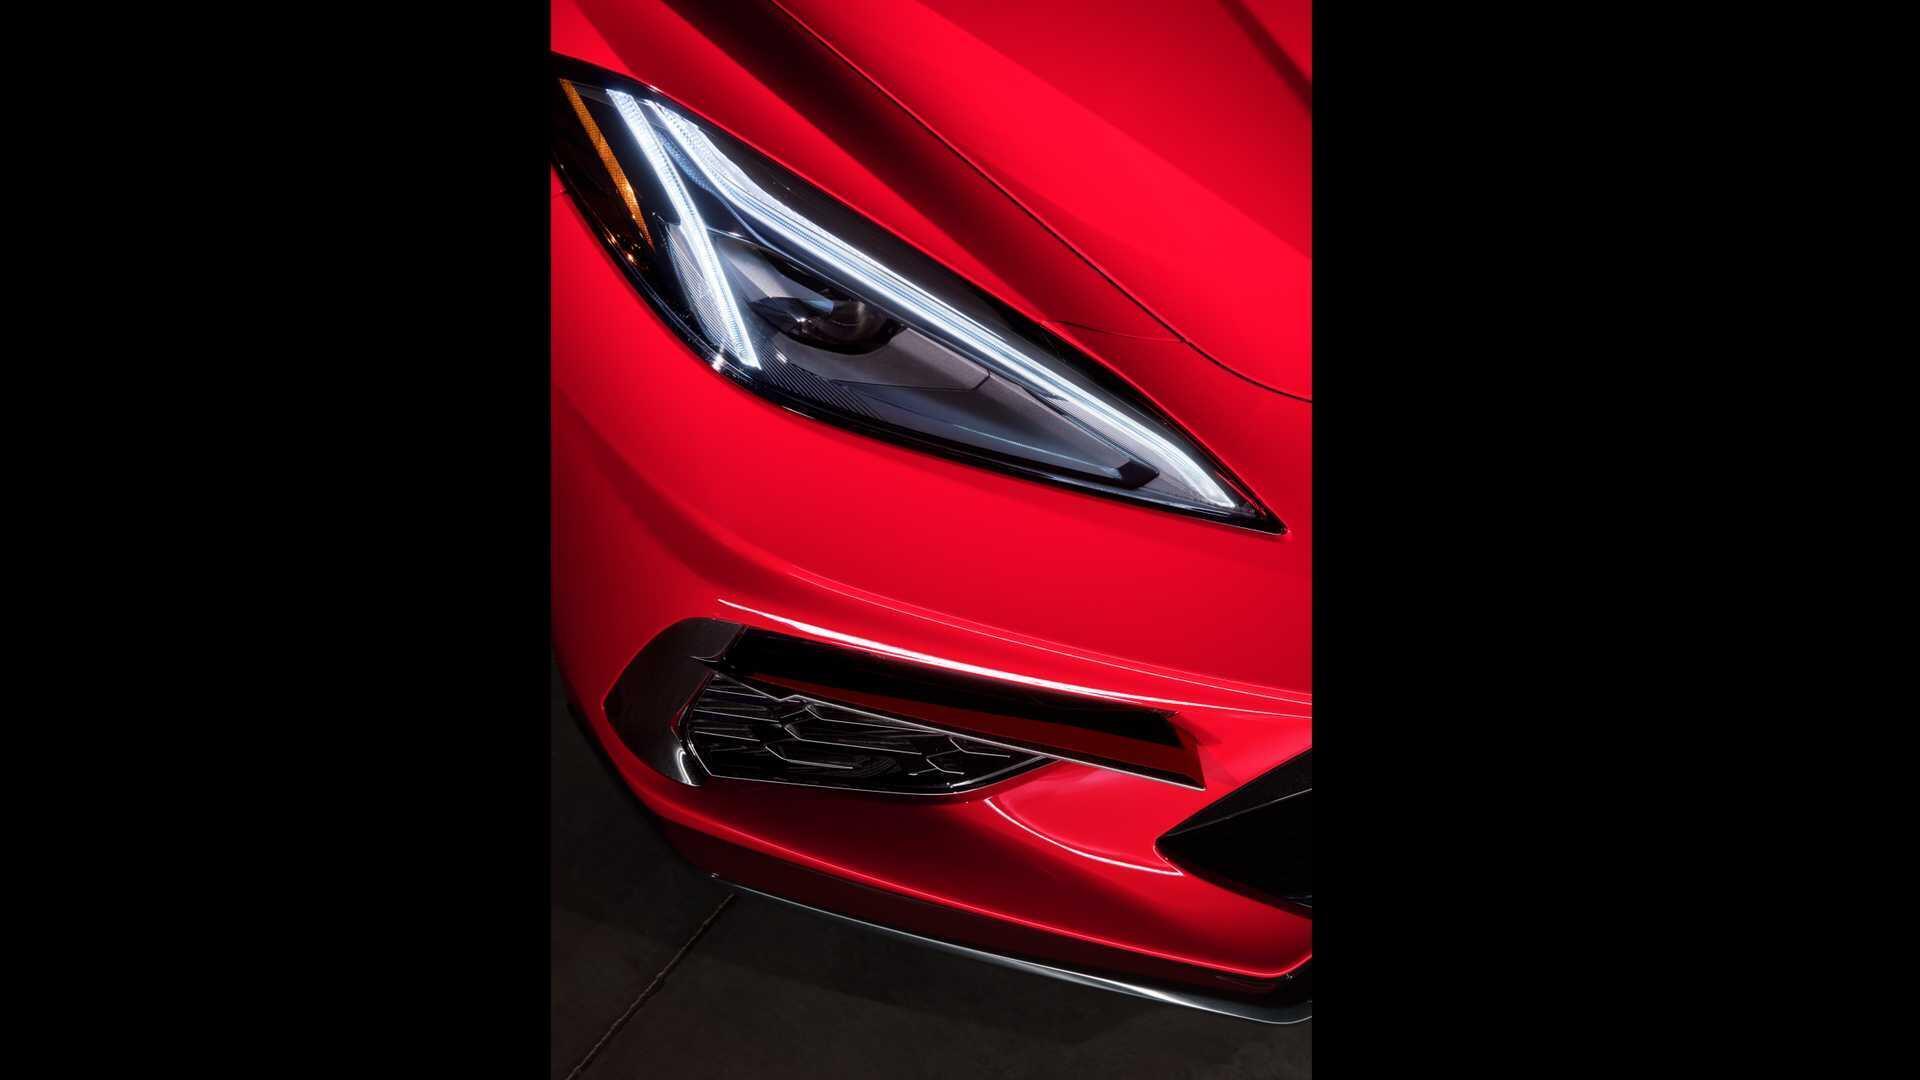 https://cdn.dailyxe.com.vn/image/chevrolet-corvette-2020-co-mot-so-tinh-nang-an-tuyet-voi-64-94570j2.jpg